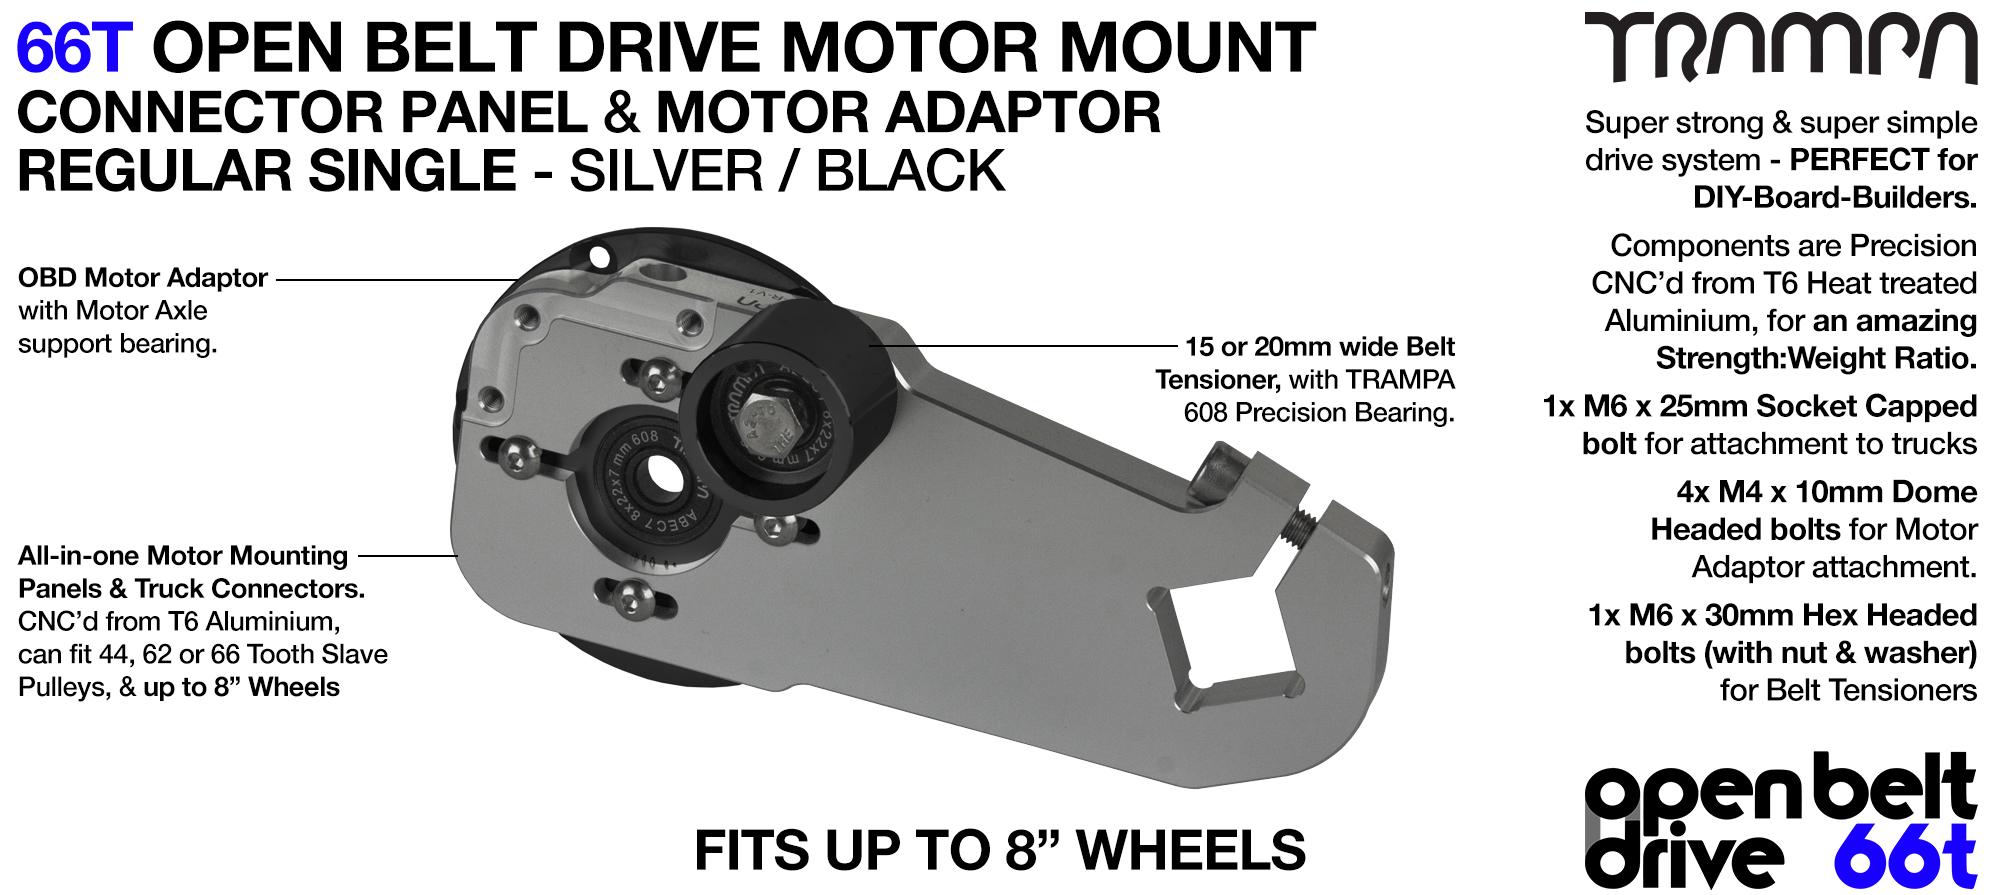 66T OPEN BELT DRIVE Motor Mount & Motor Adaptor - SINGLE SILVER